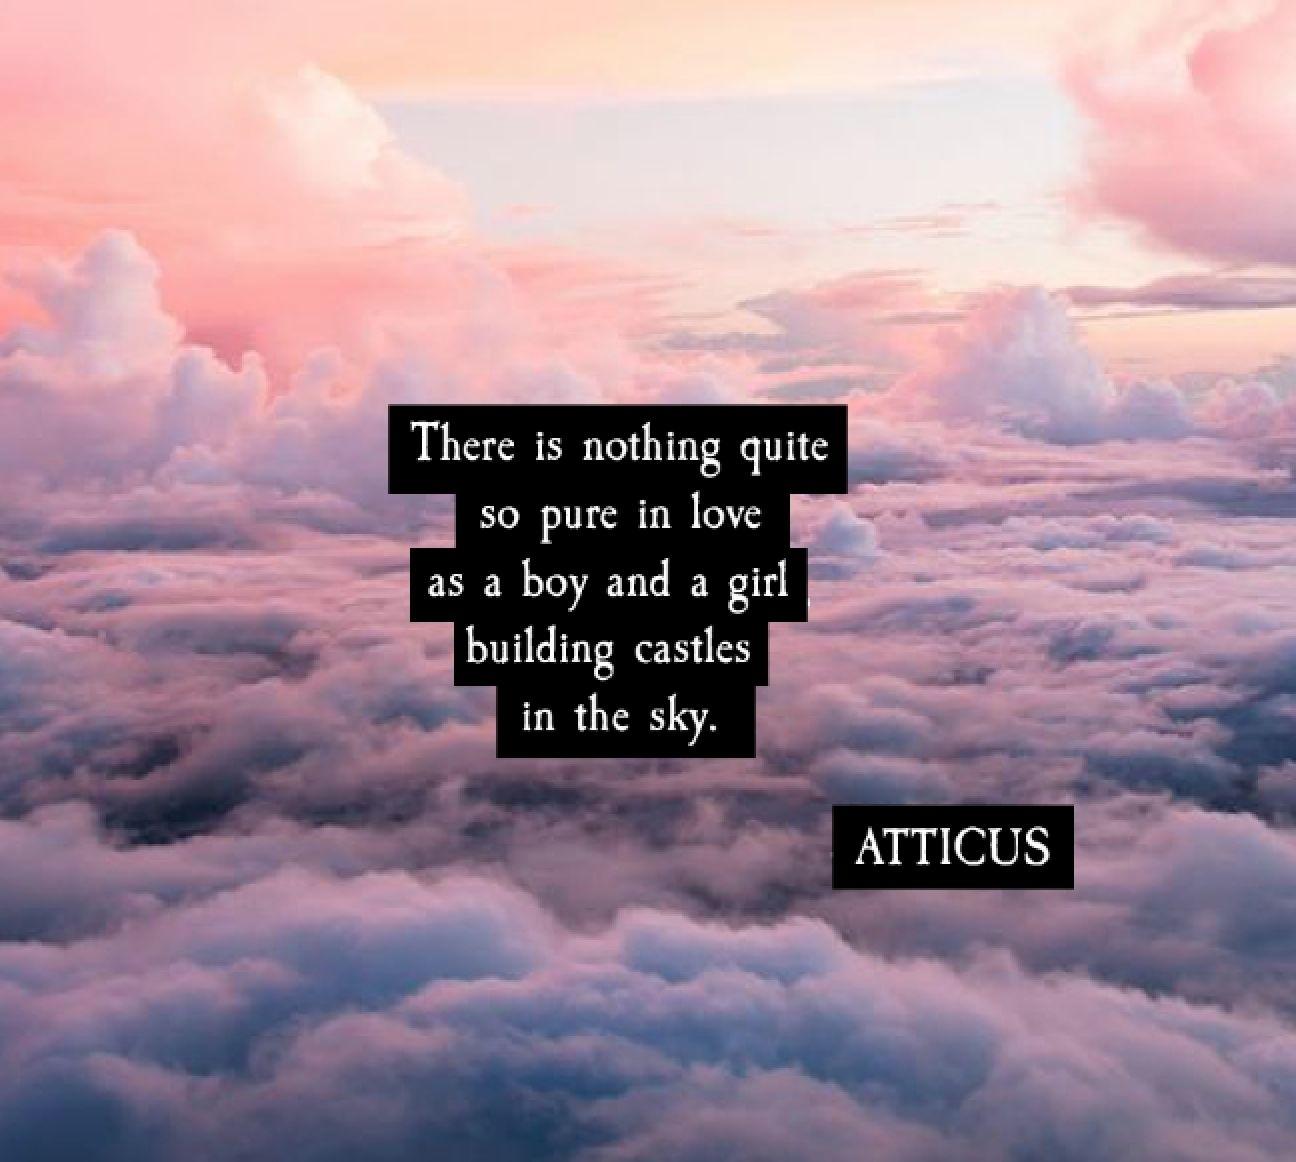 Castles In The Sky Atticuspoetry Castles At Thequotethief Atticus